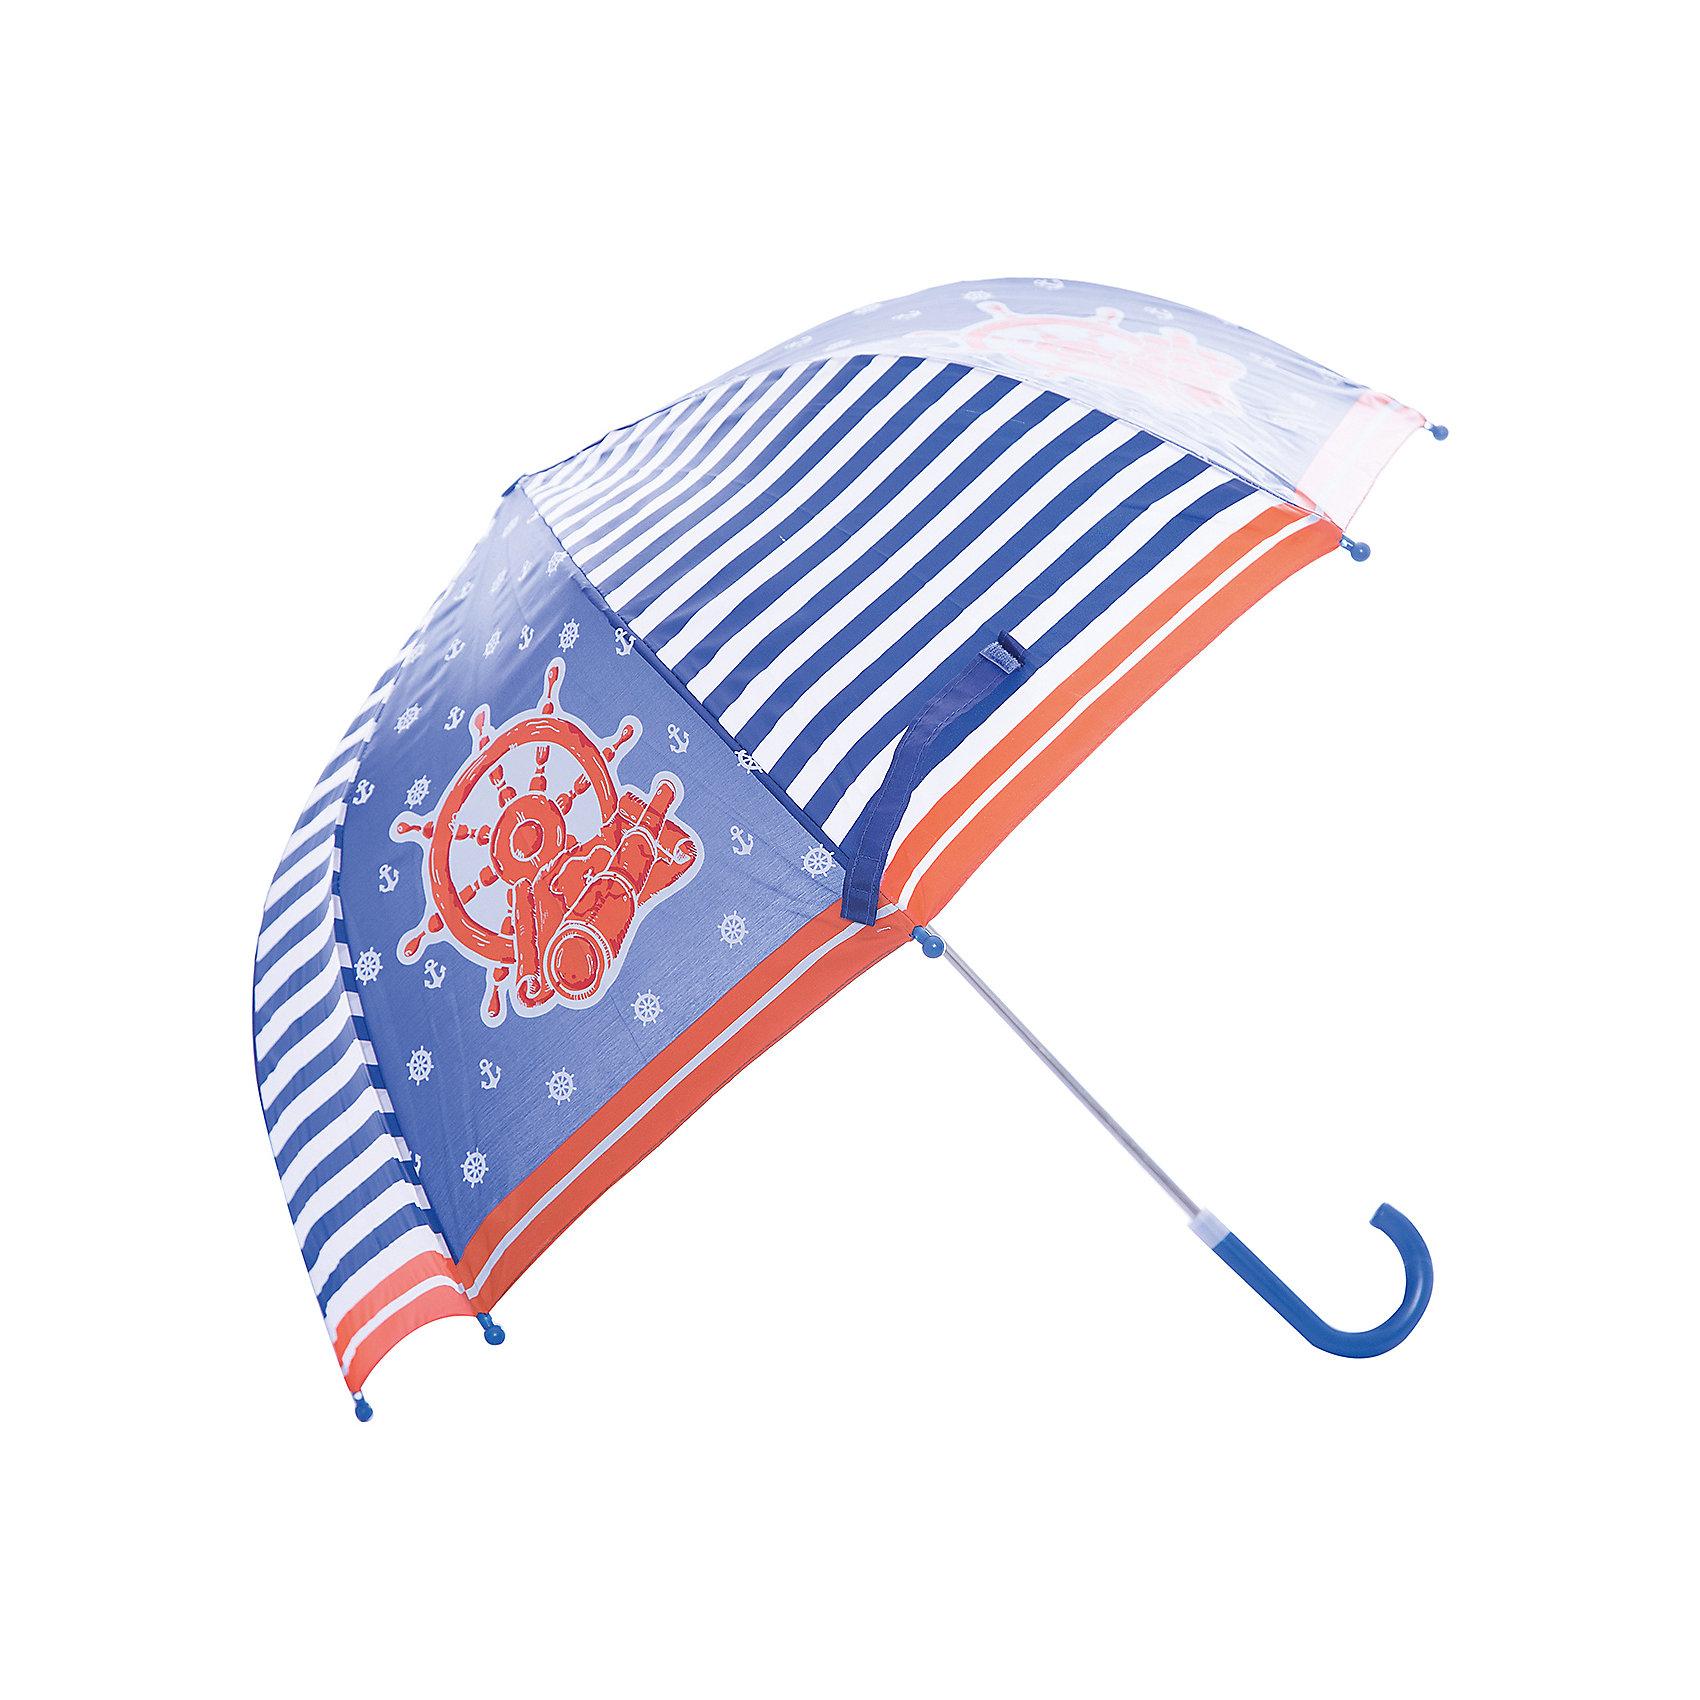 Зонт детский Море, 46 см.Зонты детские<br>Детский зонтик-тросточка Море защитит ребенка от непогоды. Зонтик не боится дождя и ветра благодаря прочному креплению купола к каркасу. Технические характеристики: Механическая система складывания; Концы спиц закрыты пластиковыми шариками; Пластиковый фиксатор на стержне зонтика; Радиус купола - 46 см.<br><br>Ширина мм: 580<br>Глубина мм: 400<br>Высота мм: 800<br>Вес г: 200<br>Возраст от месяцев: 36<br>Возраст до месяцев: 2147483647<br>Пол: Унисекс<br>Возраст: Детский<br>SKU: 5508516